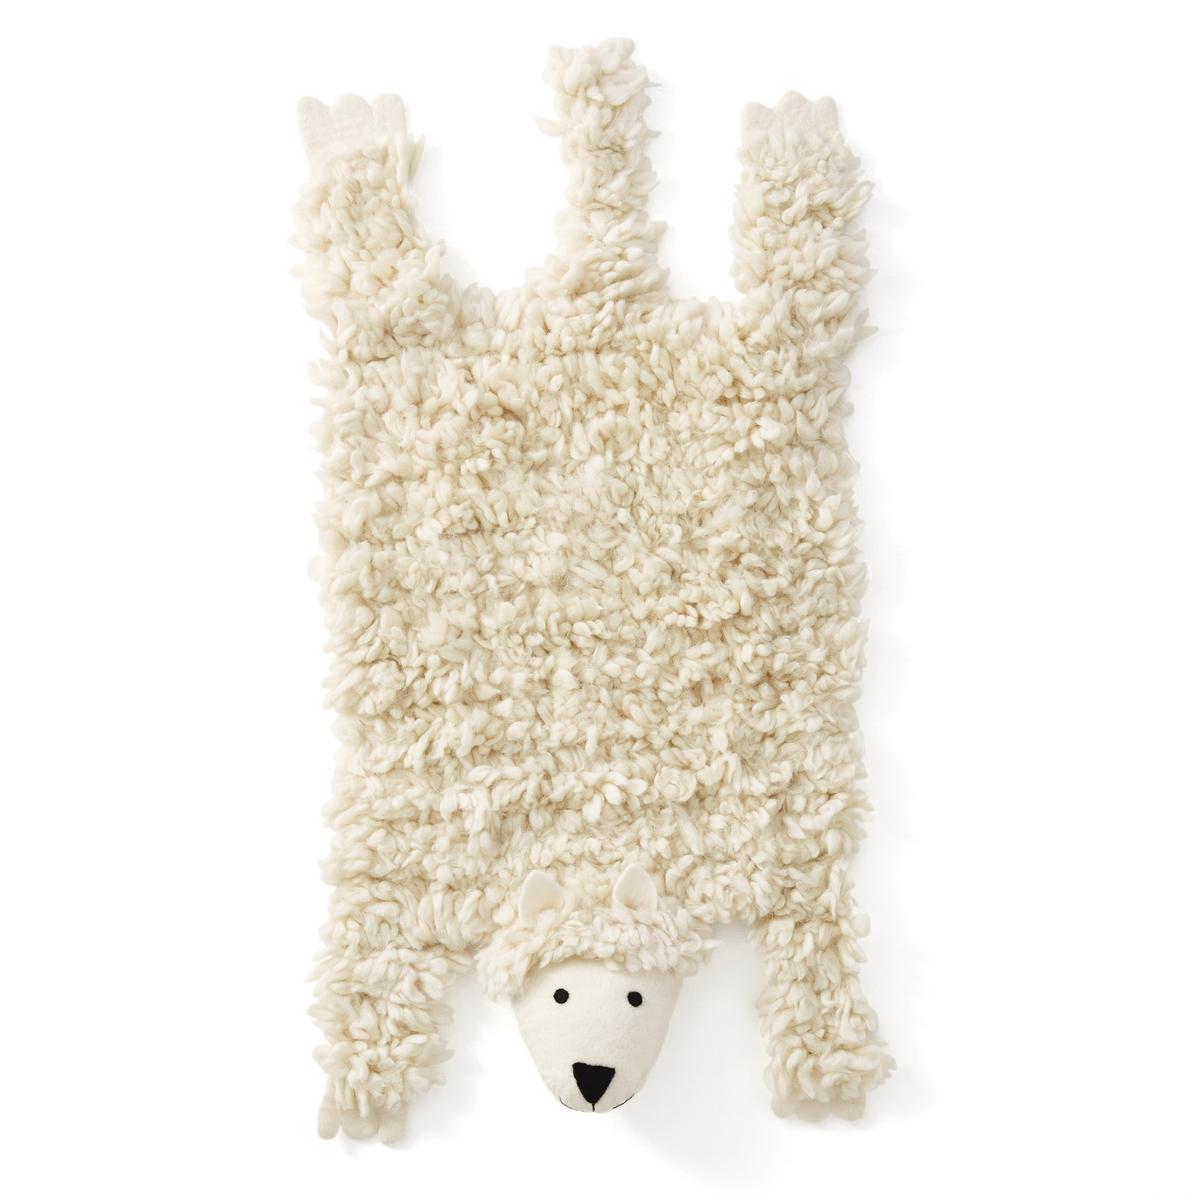 Ковер из овечьей шерсти AgapeКовер Agape. Отличный ковер для детской комнаты для придания оригинальной и веселой нотки ! Из 100% шерсти. Вес : 1000 г/м?. Толщина ворса : 30-35 мм. Размер : ширина 45 x длина 100 см.<br><br>Цвет: белый